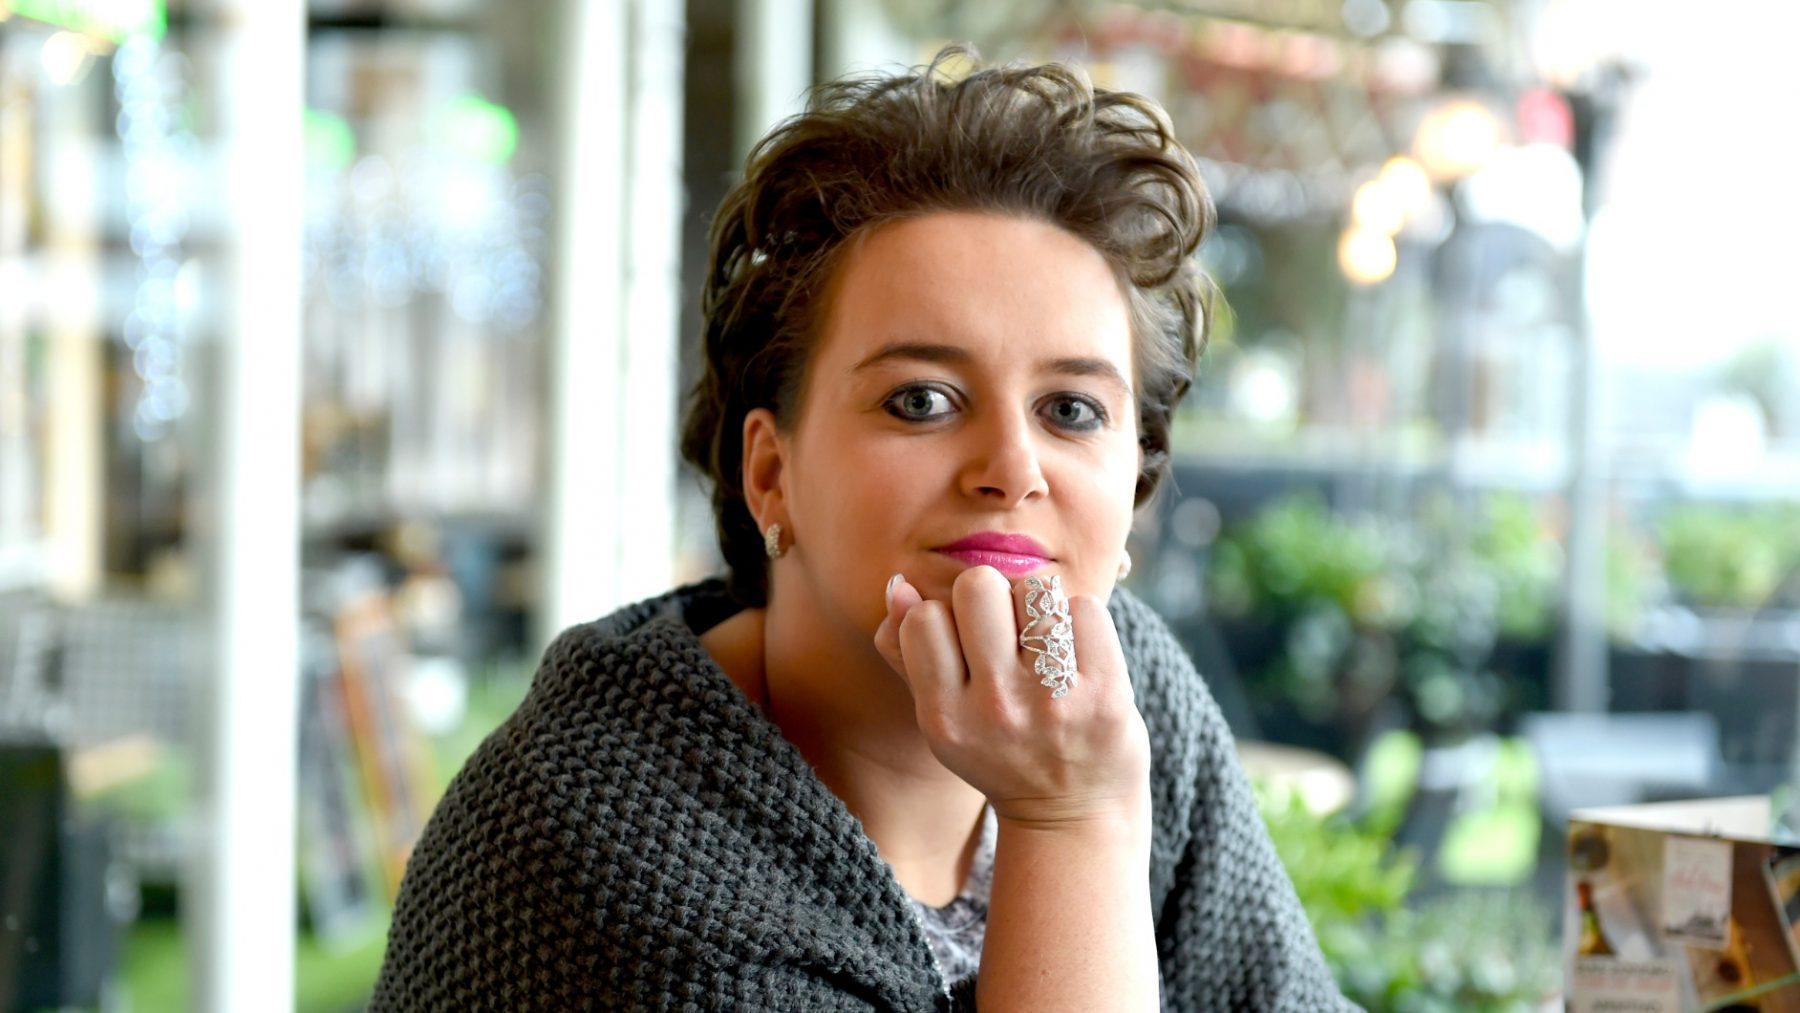 Virginia van Eck laat tatoeage met initialen van ex Peter Jan Rens verwijderen